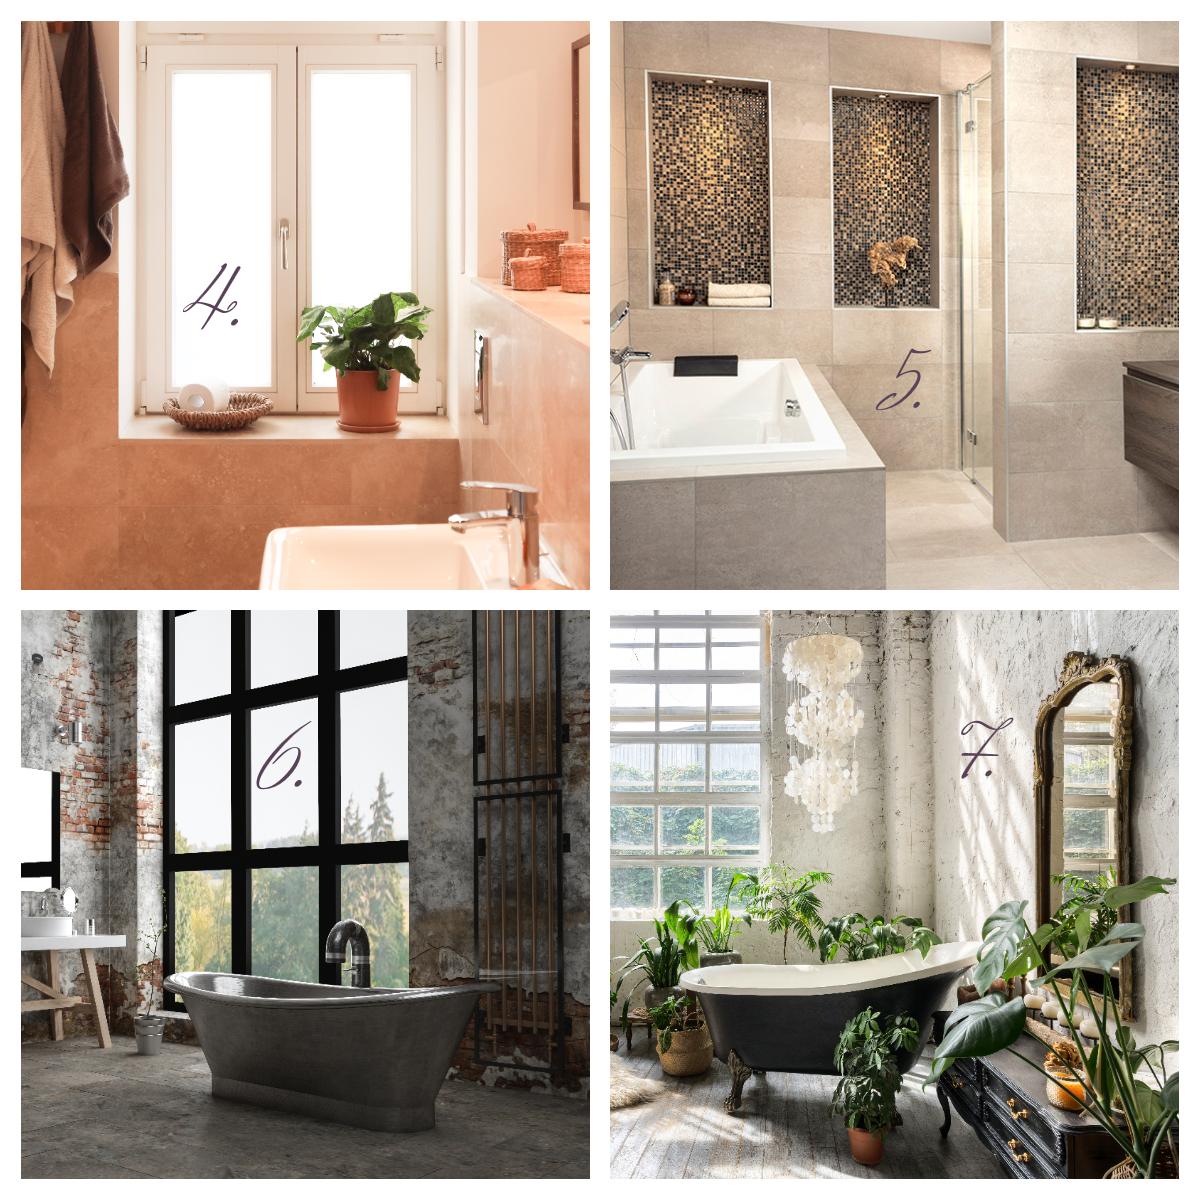 Badkamer interieurstijlen